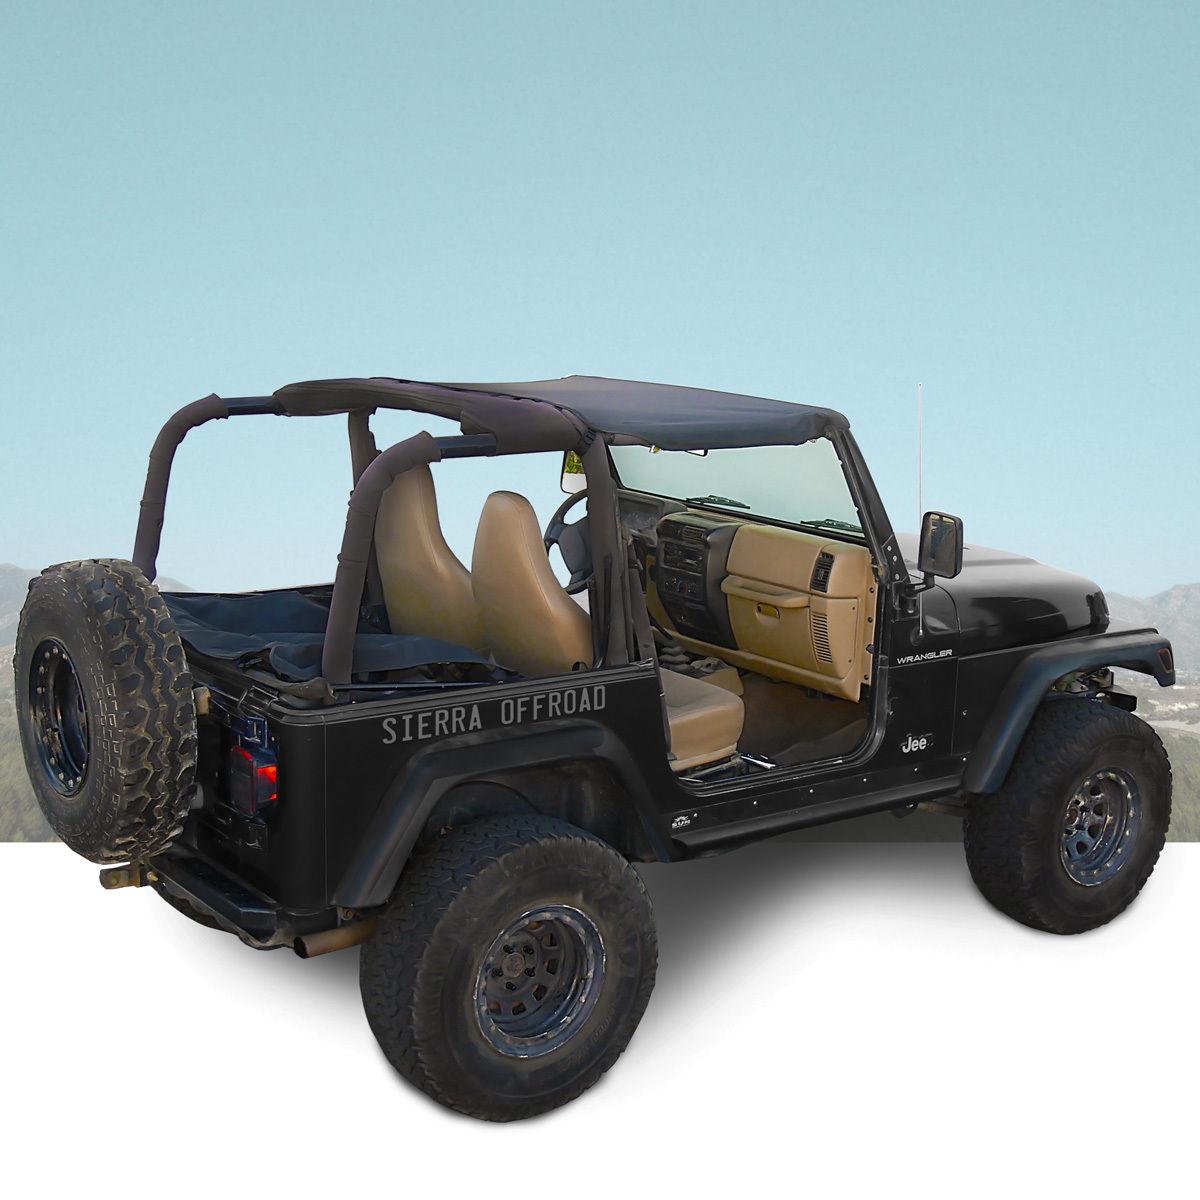 幌 ジープサントップ、97-06ラングラーTJ、ブラックセイルローツ Jeep Sun Top for 97-06 Wrangler TJ in Black Sailcloth